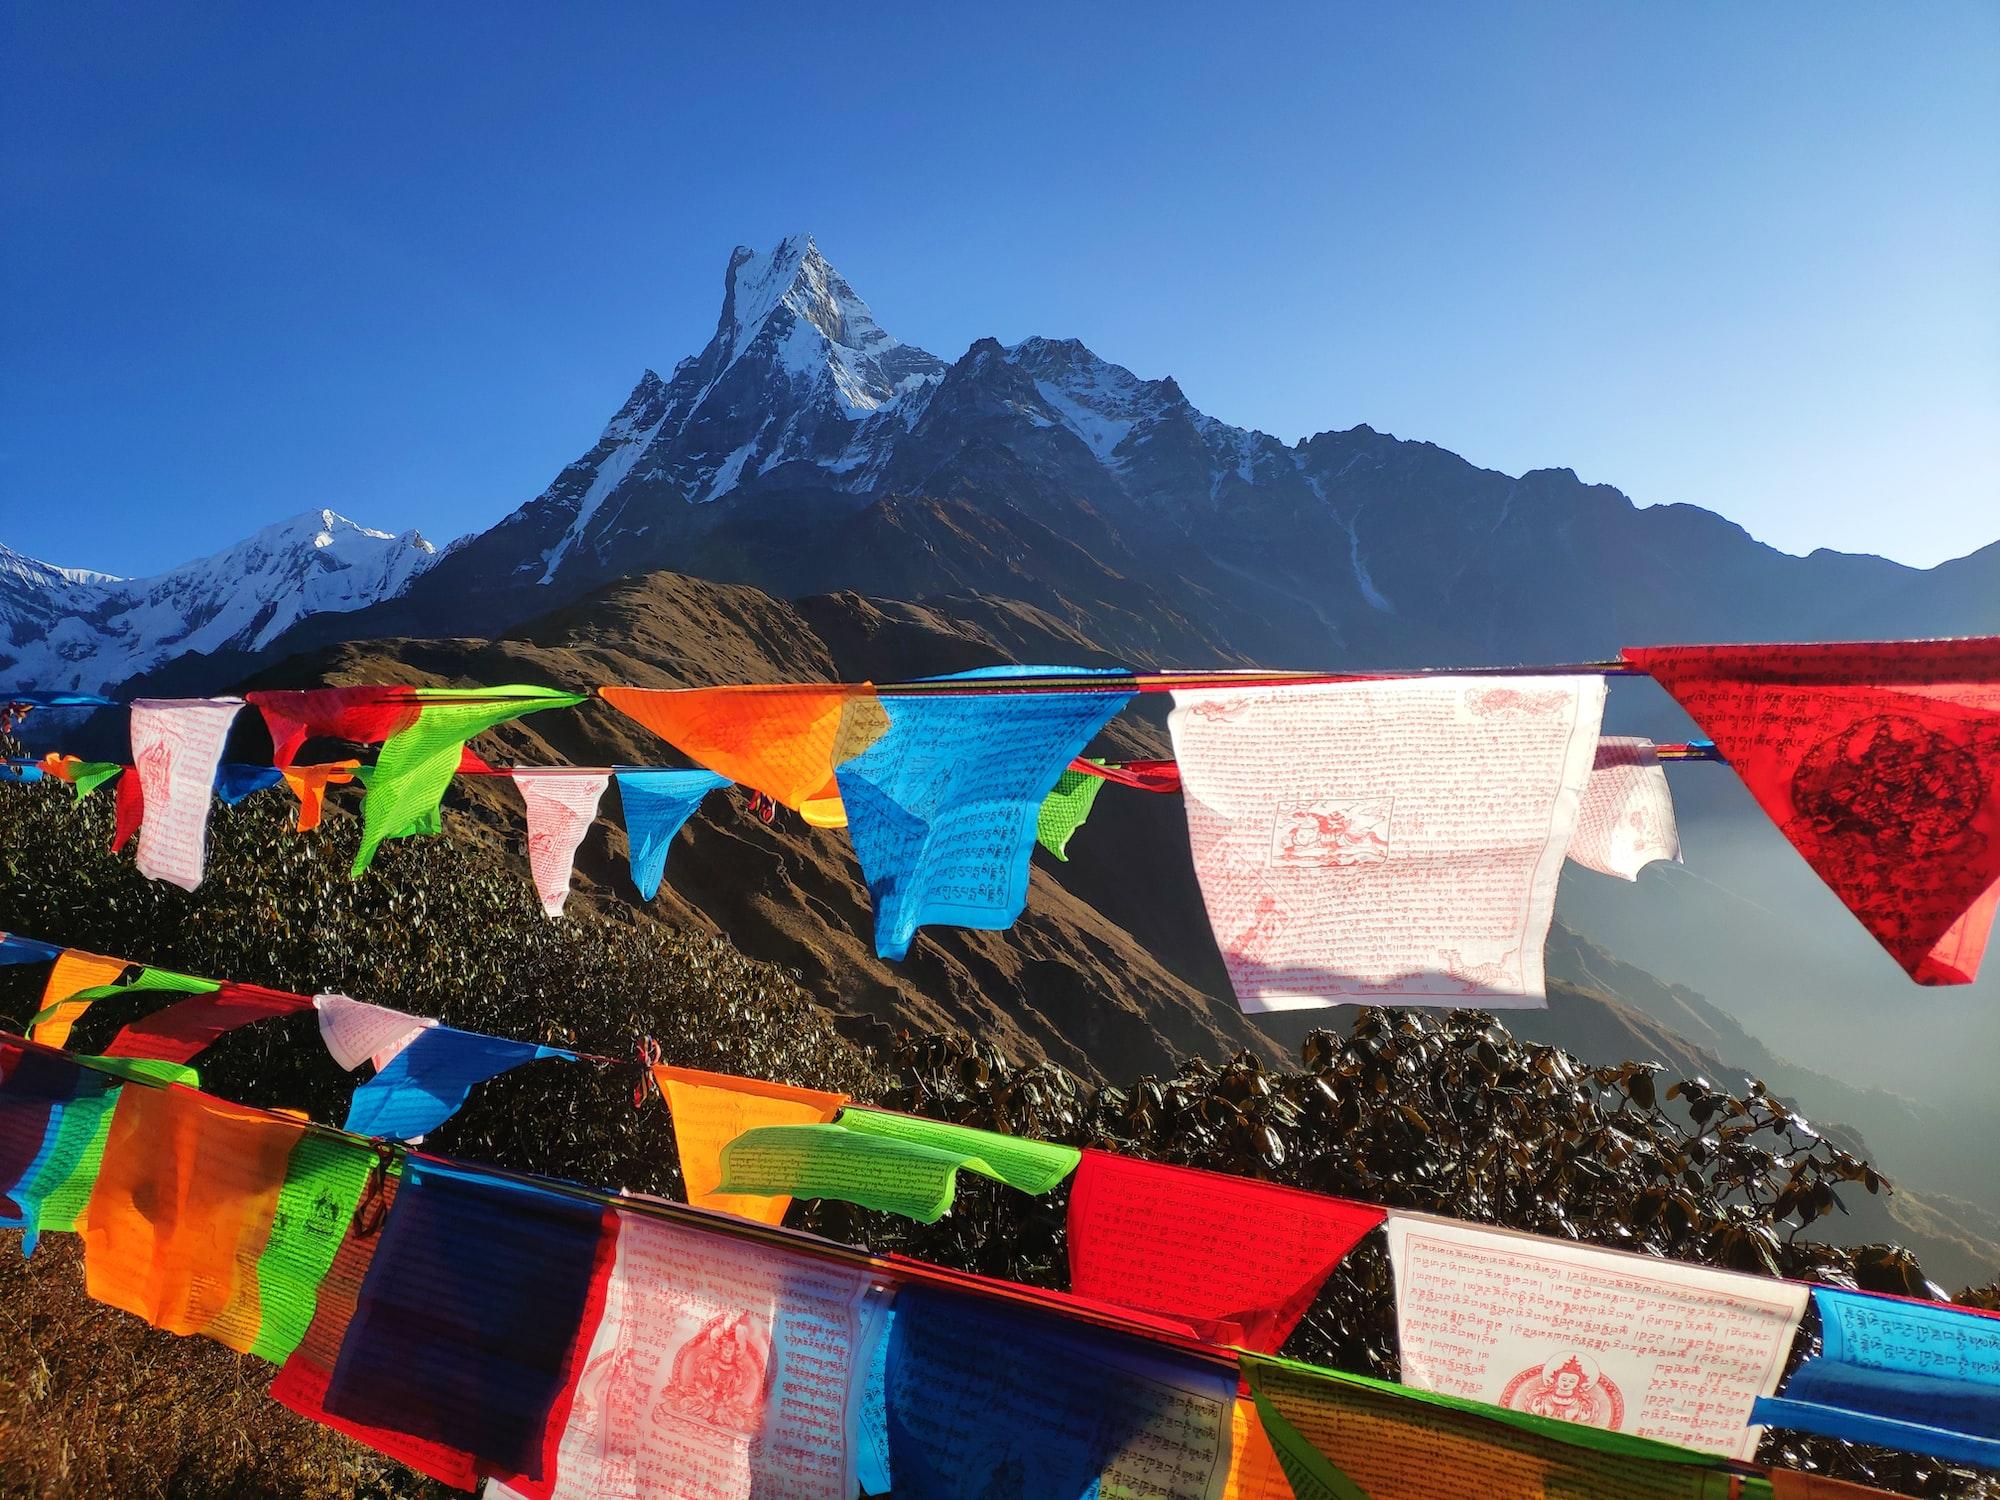 हुंडी से लेन-देन, टैक्स चोरी में नेपाल से पकड़े गए 2 भारतीय